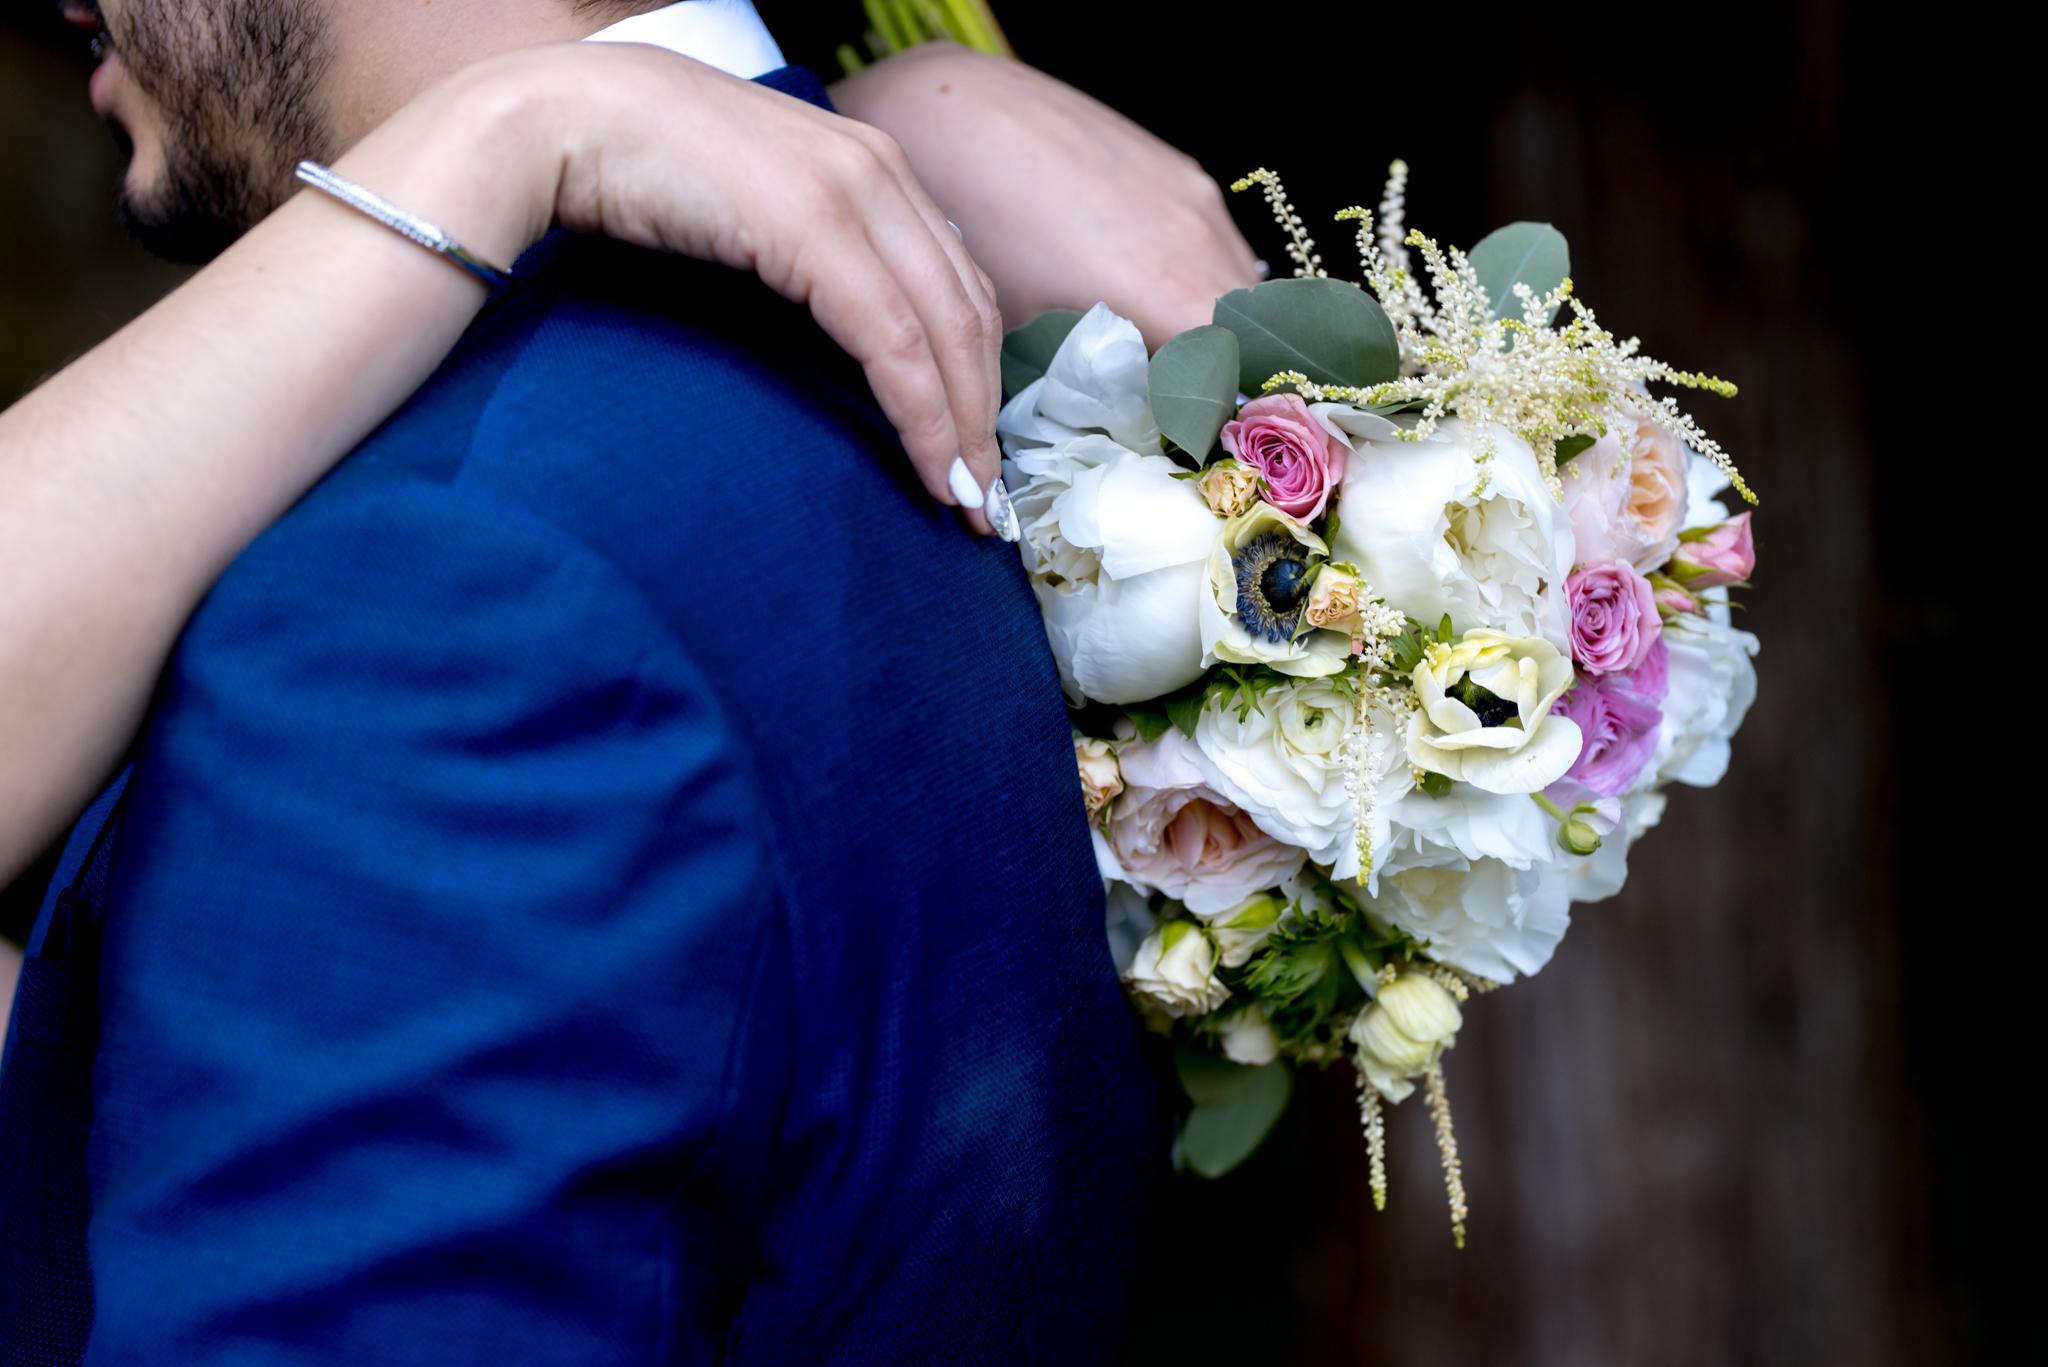 Contate Nuno Lopes - Fotógrafo de Casamento, Familia e Eventos em Coimbra